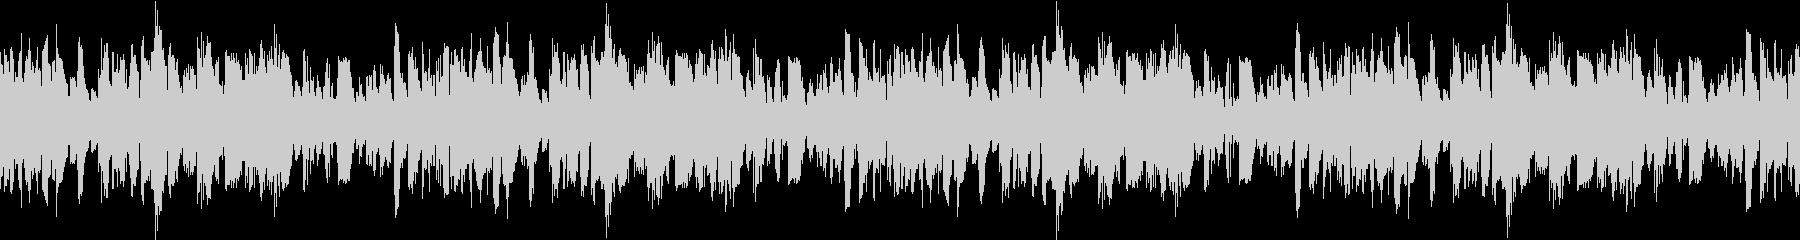 ダブステップっぽいシンプルなループの未再生の波形